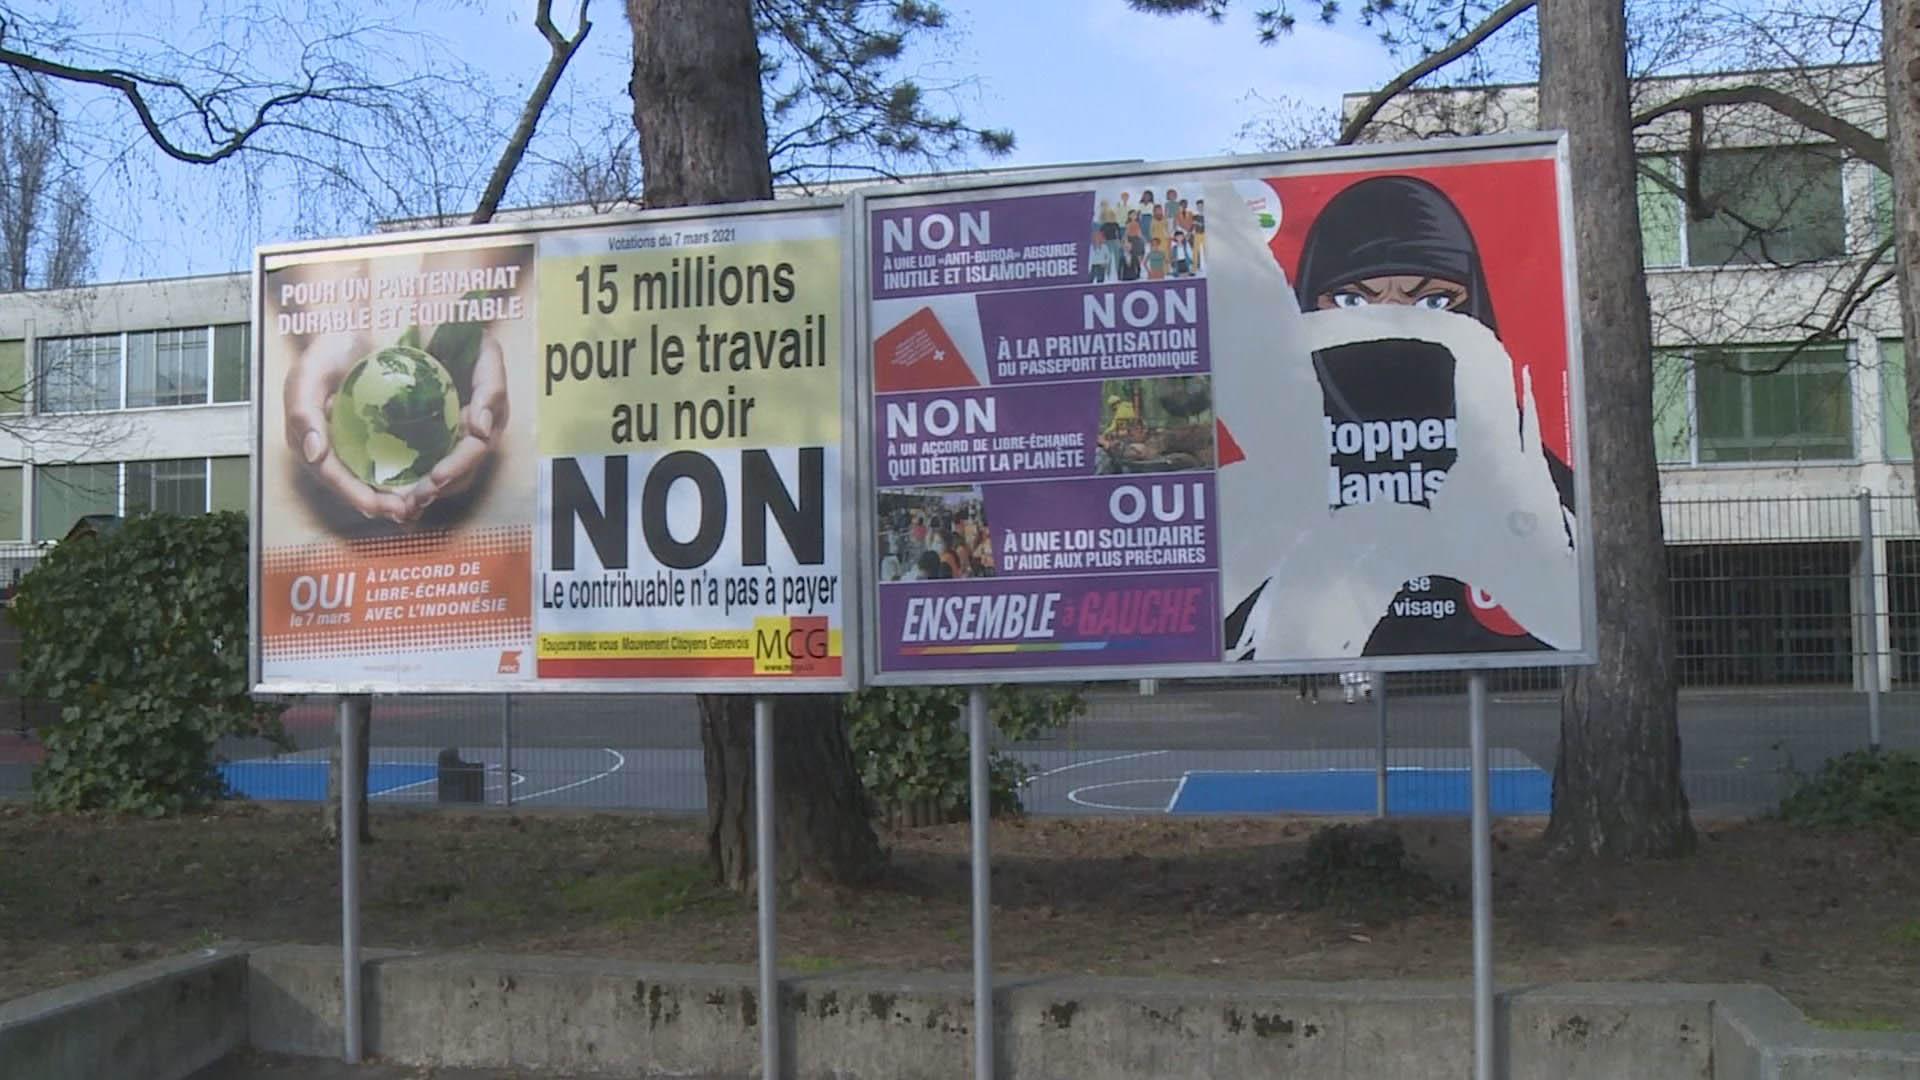 스위스서도 공공장소 부르카·니캅 착용 금지